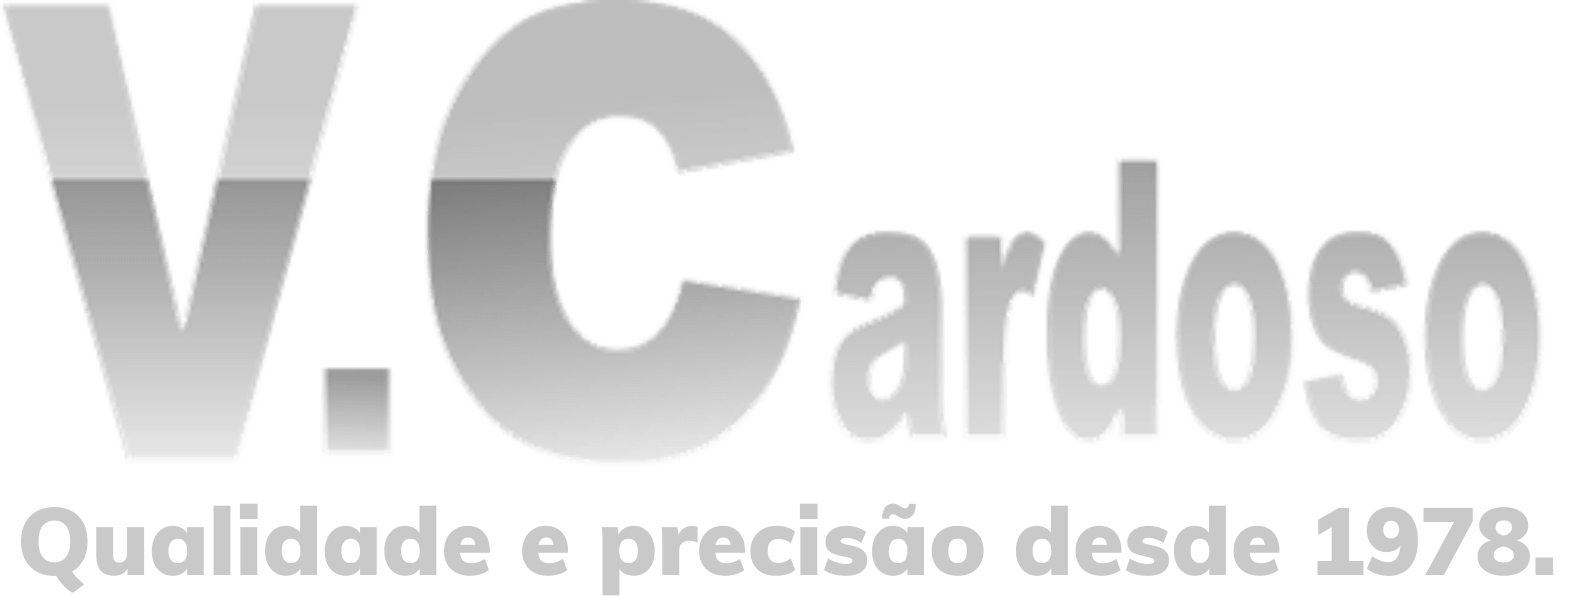 Artefatos de Metais - V Cardoso